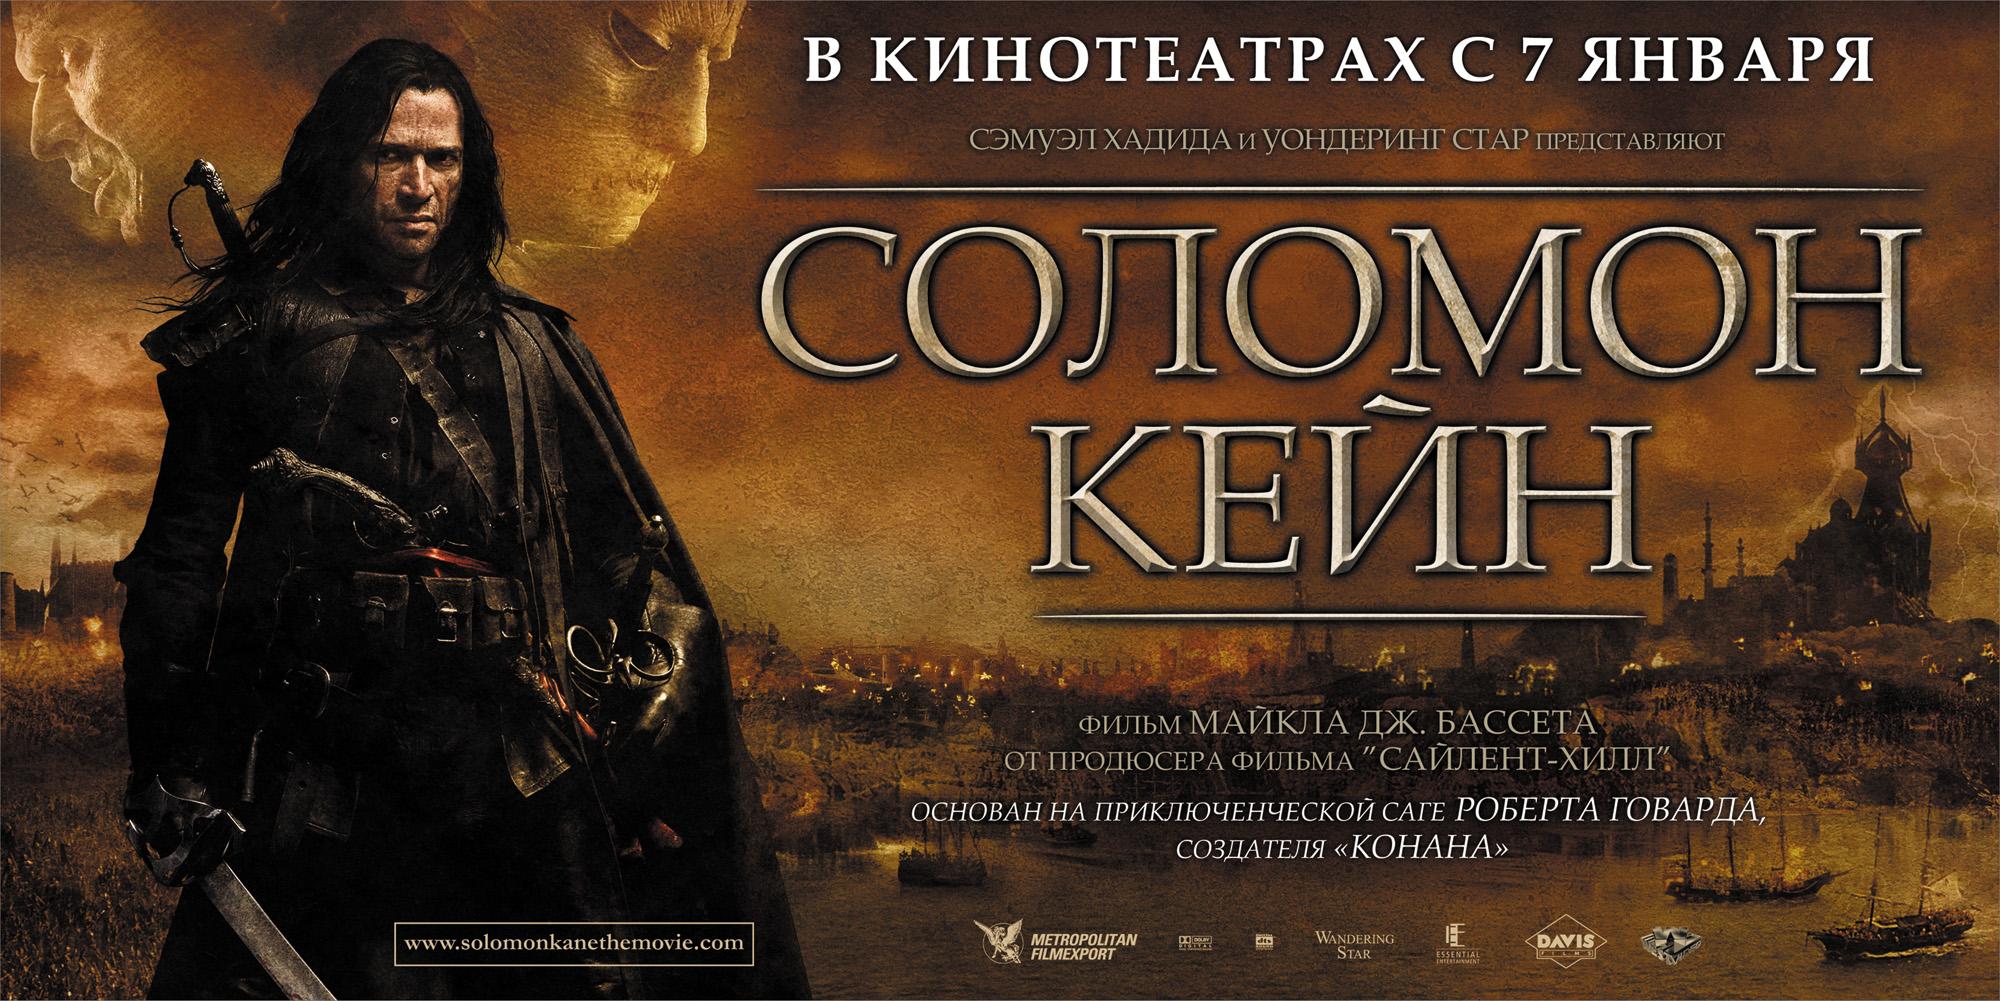 Соломон кейн смотреть онлайн 3 фотография